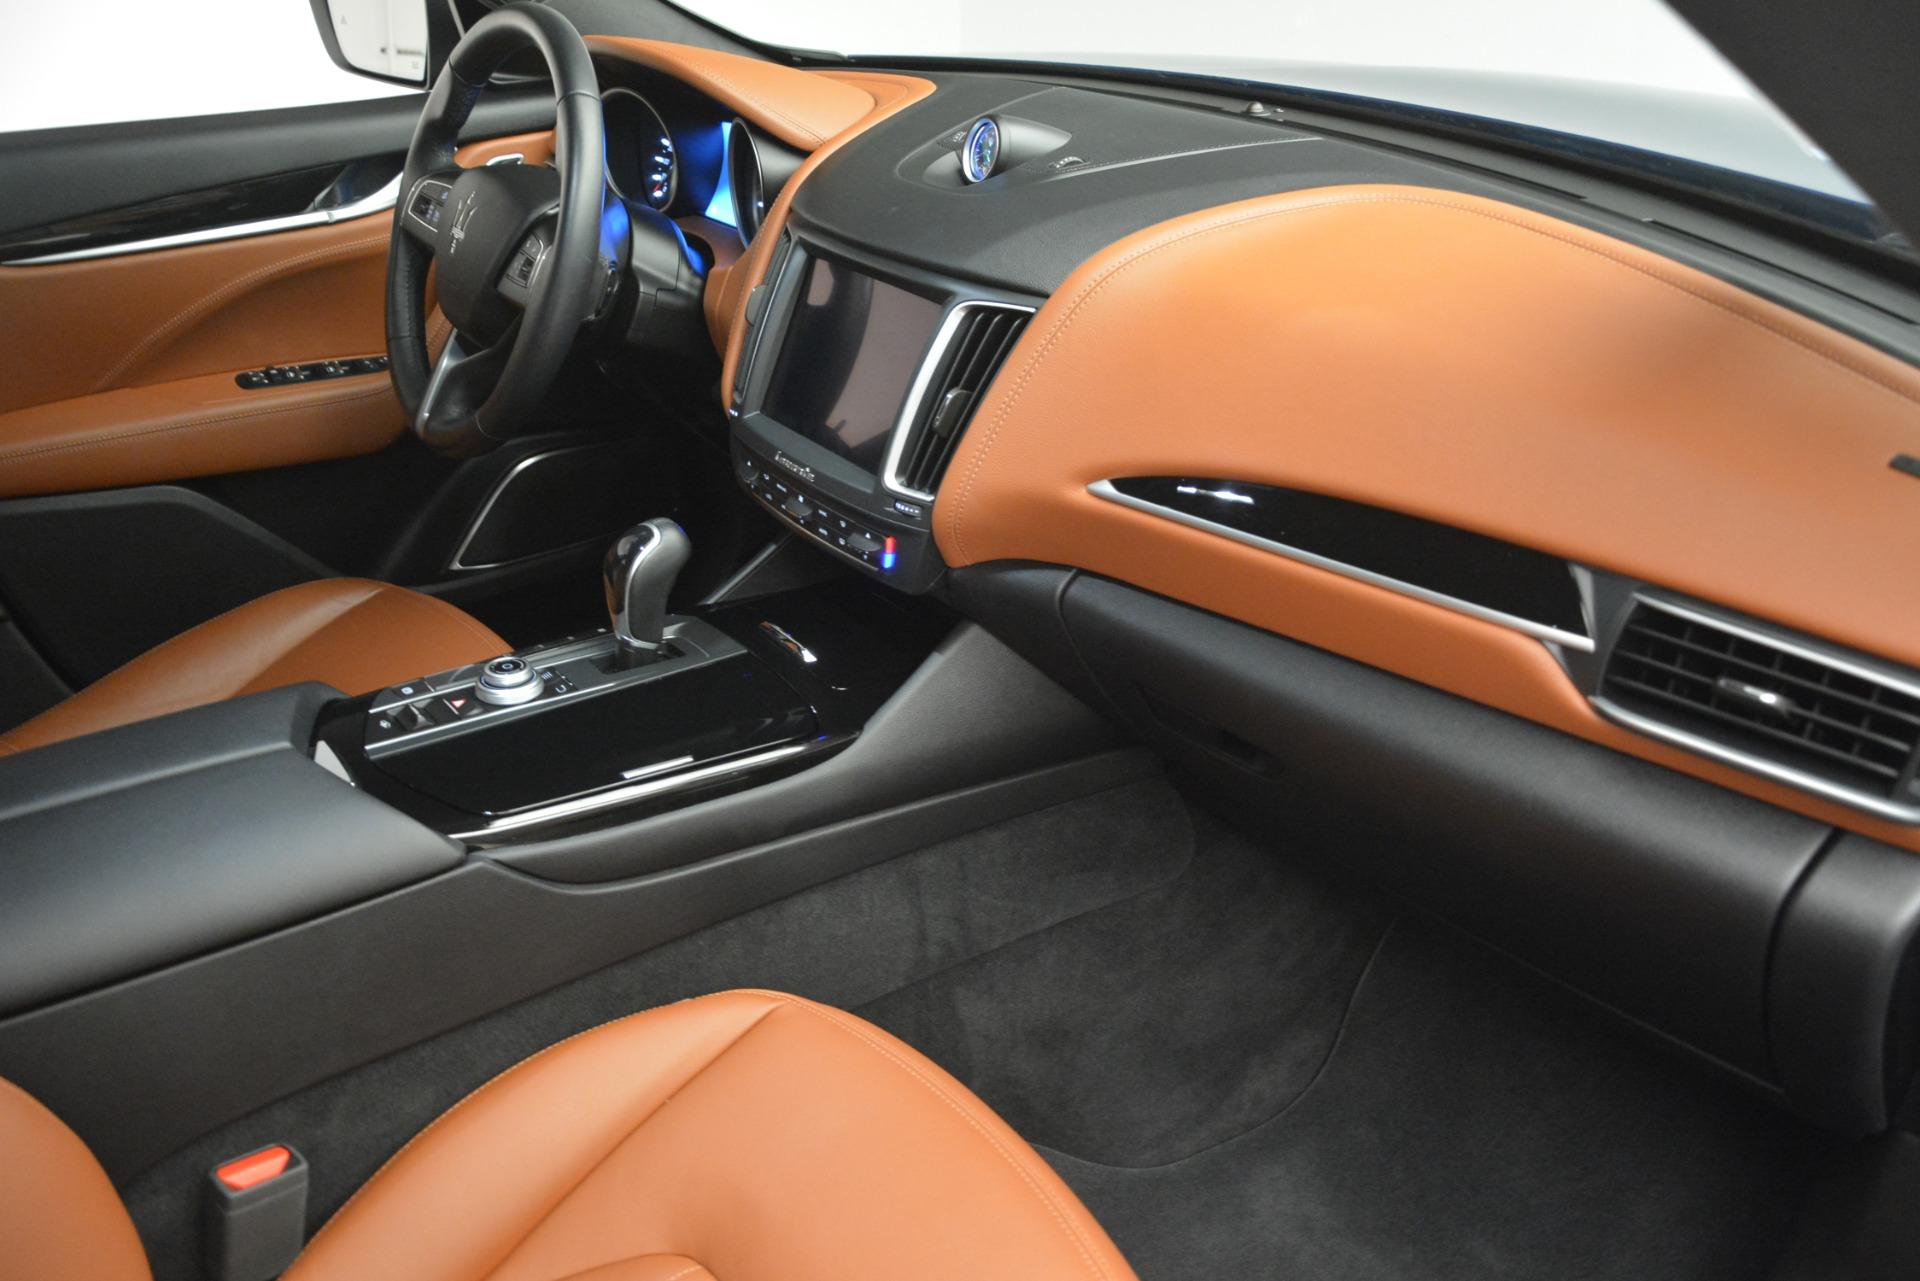 Used 2018 Maserati Levante Q4 For Sale In Westport, CT 2575_p22